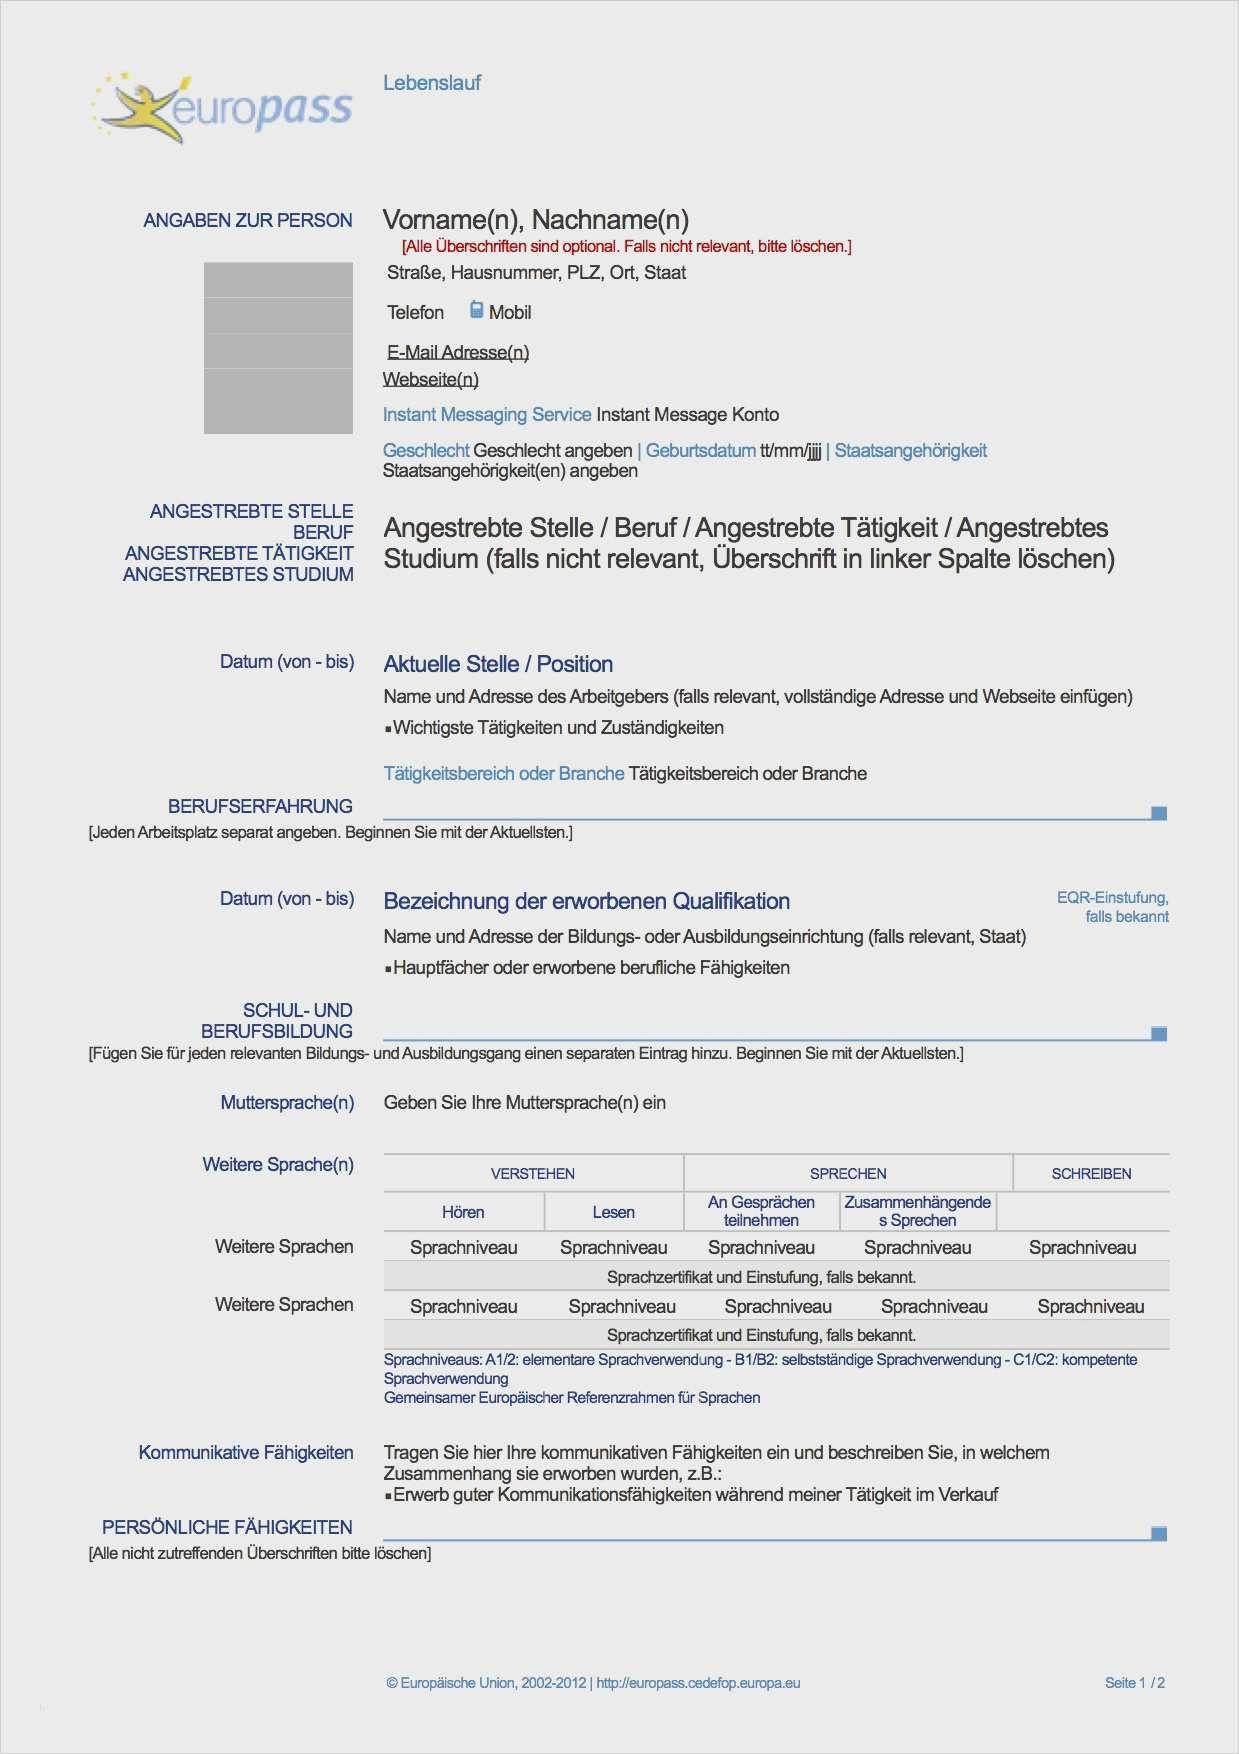 Lebenslauf Doppelte Staatsangehorigkeit Deutsch 7